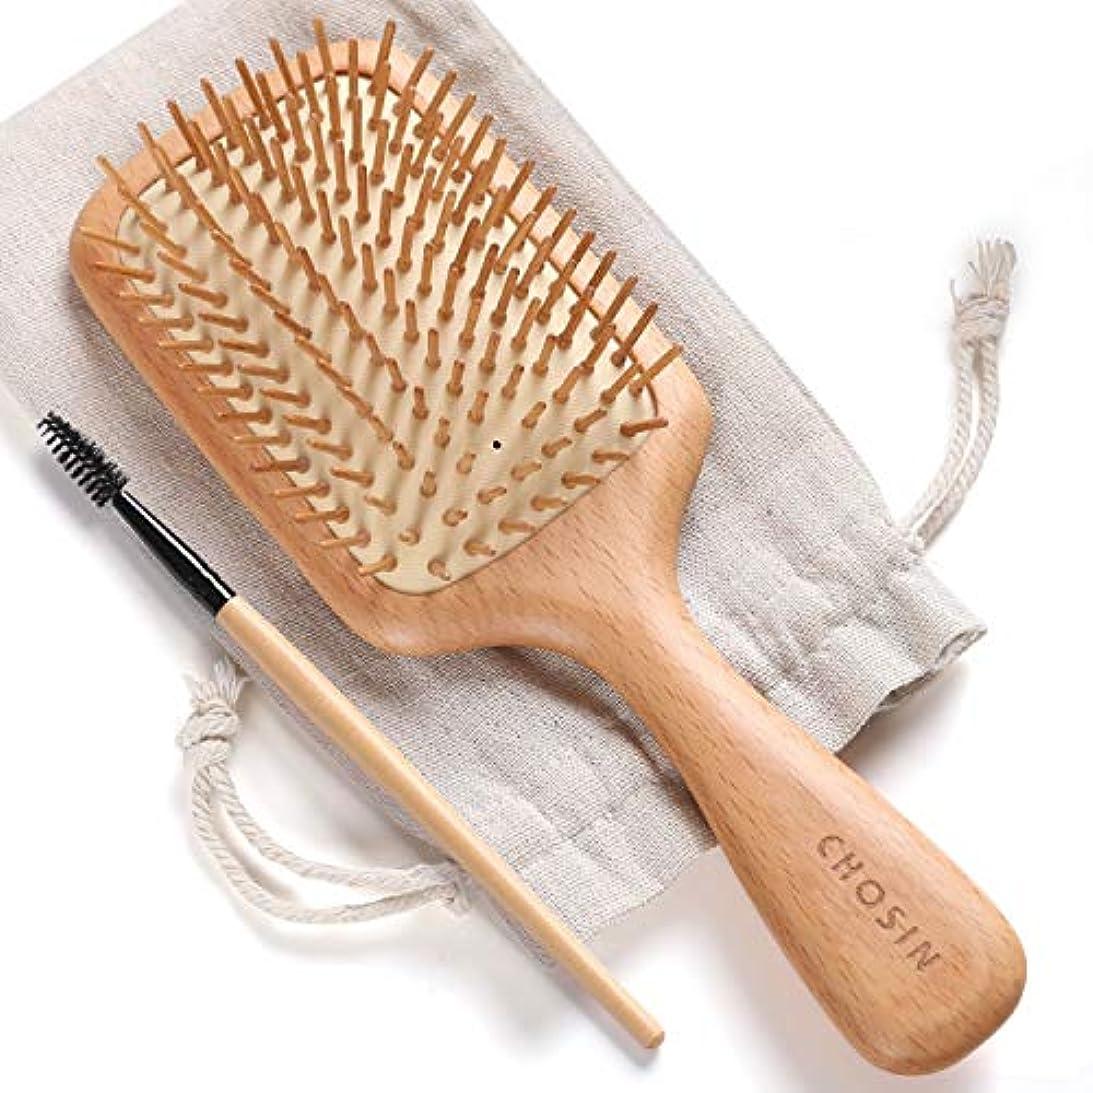 アセ運河自治ヘアブラシ CHOSIN 頭皮マッサージ 木製櫛 髪をなめらかにする ヘアケア 静電気防止脱毛防止頭皮の圧迫軽減 男性と女性への適用